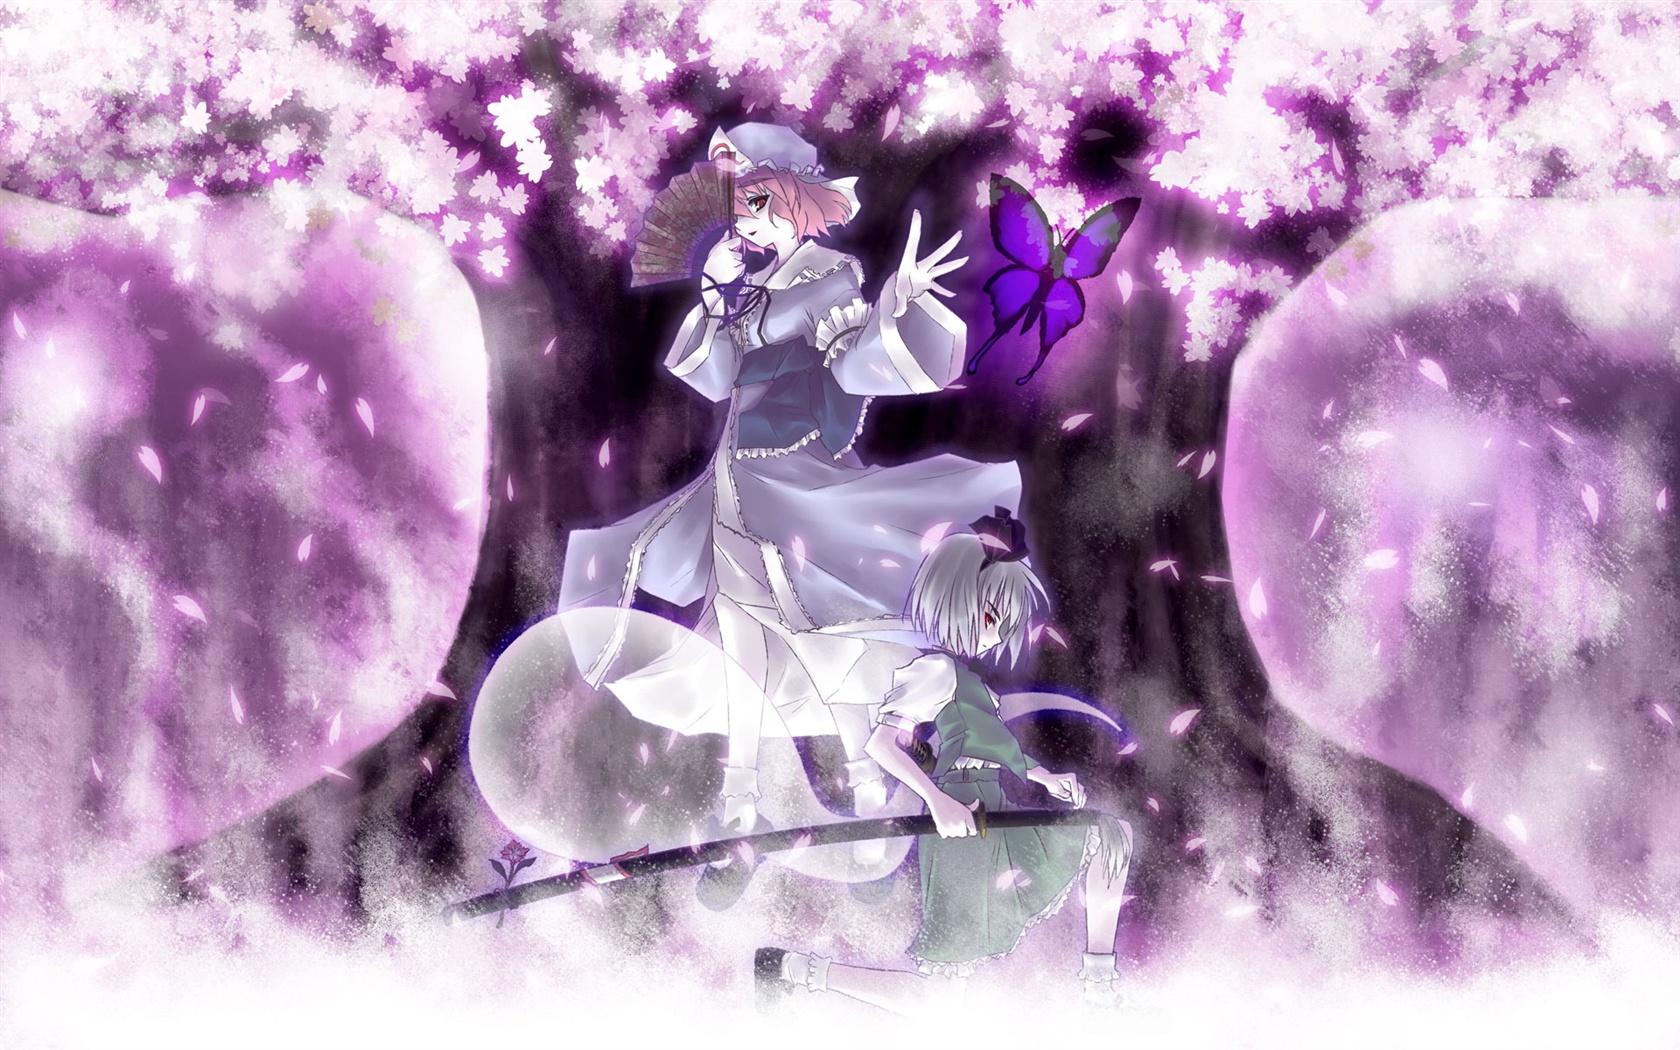 best anime girl wallpaper